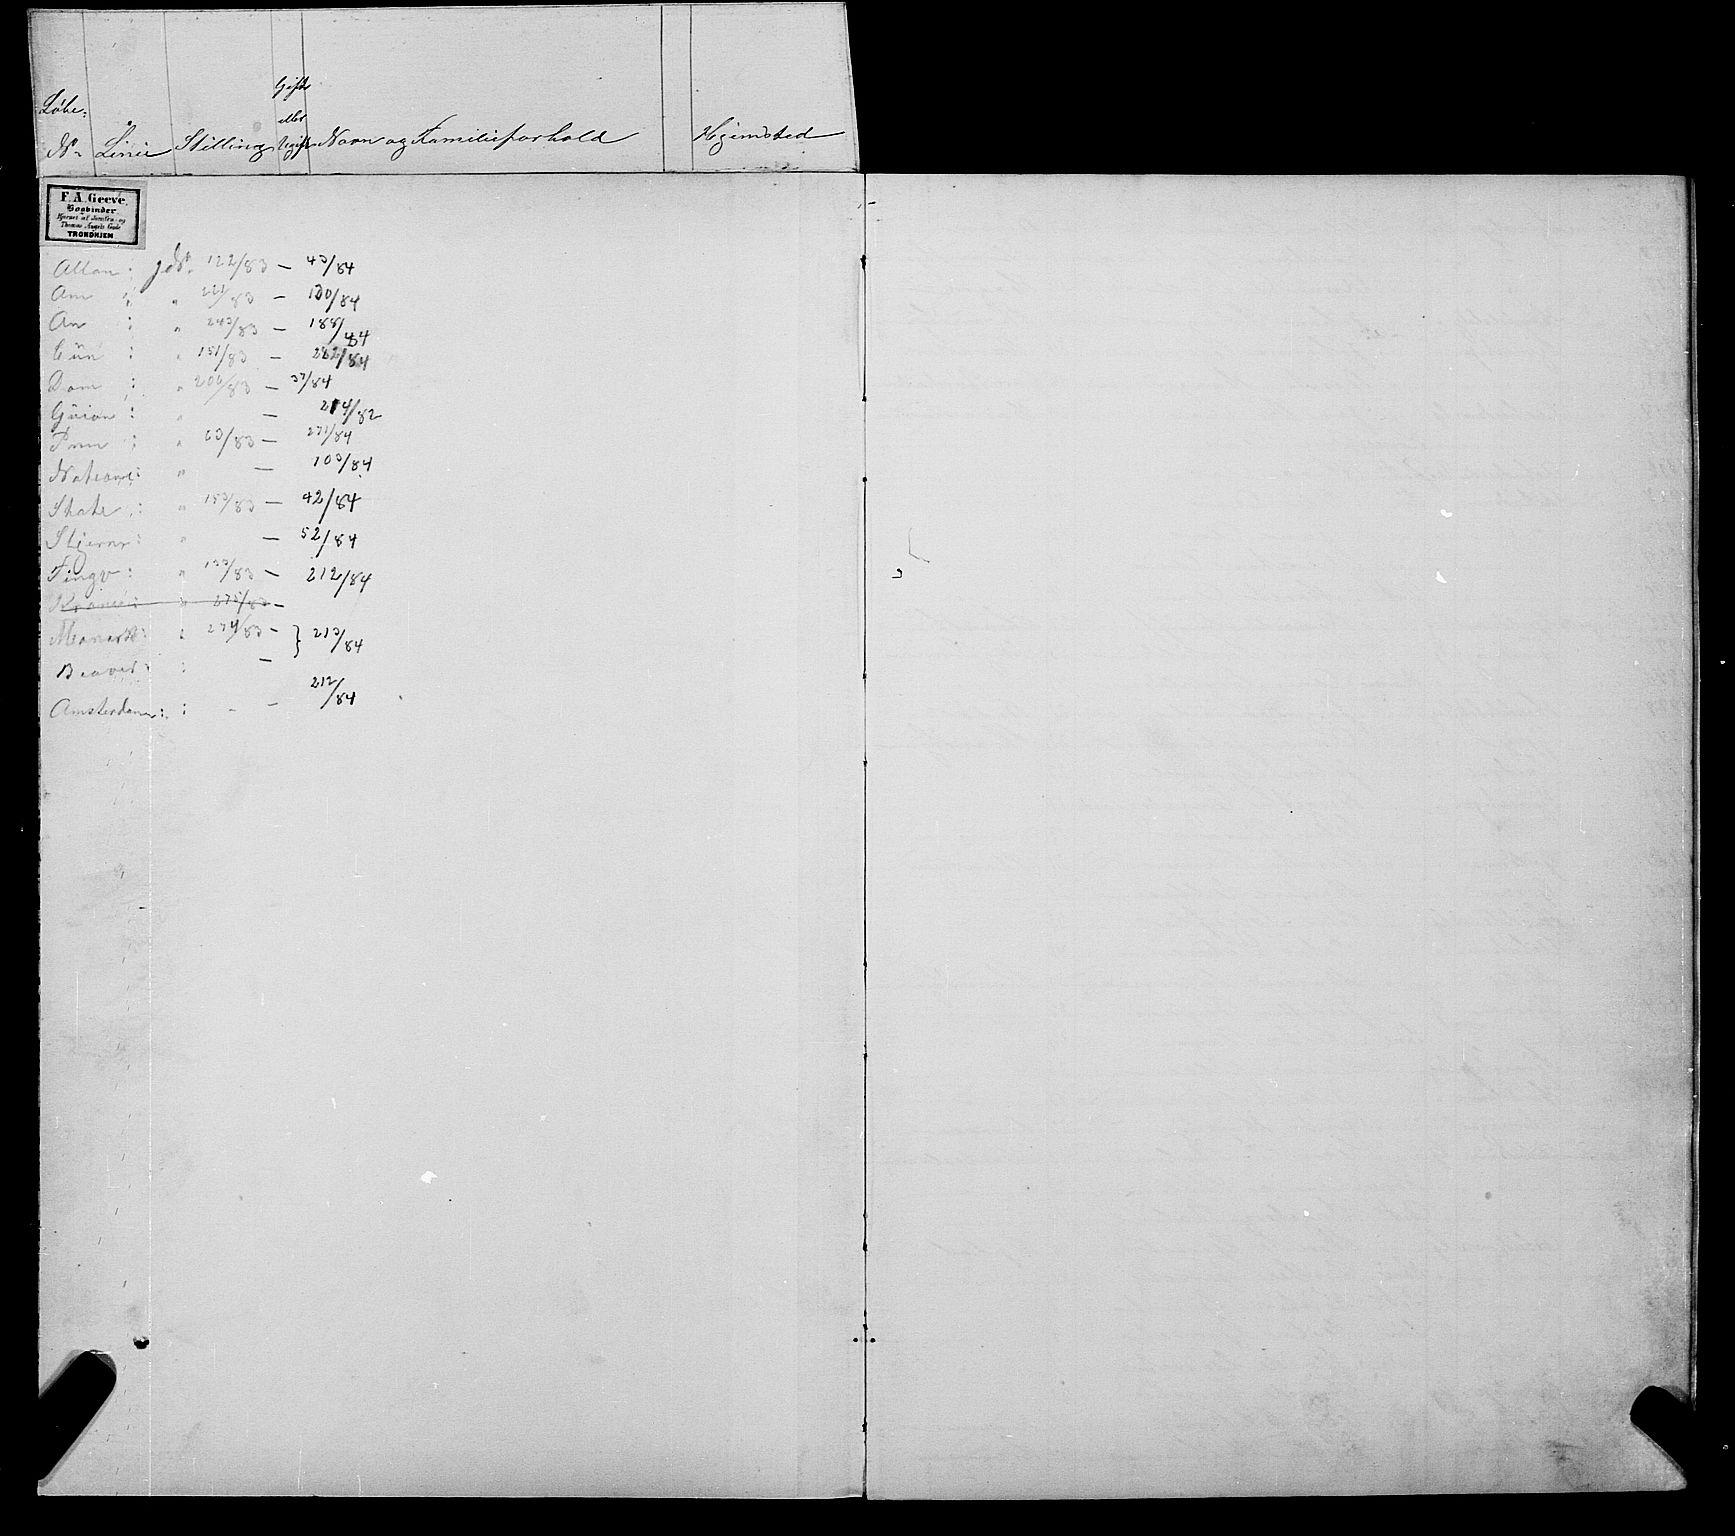 SAT, Trondheim politikammer, 32/L0006: Emigrantprotokoll VI 26.04-02.07, 1882-1885